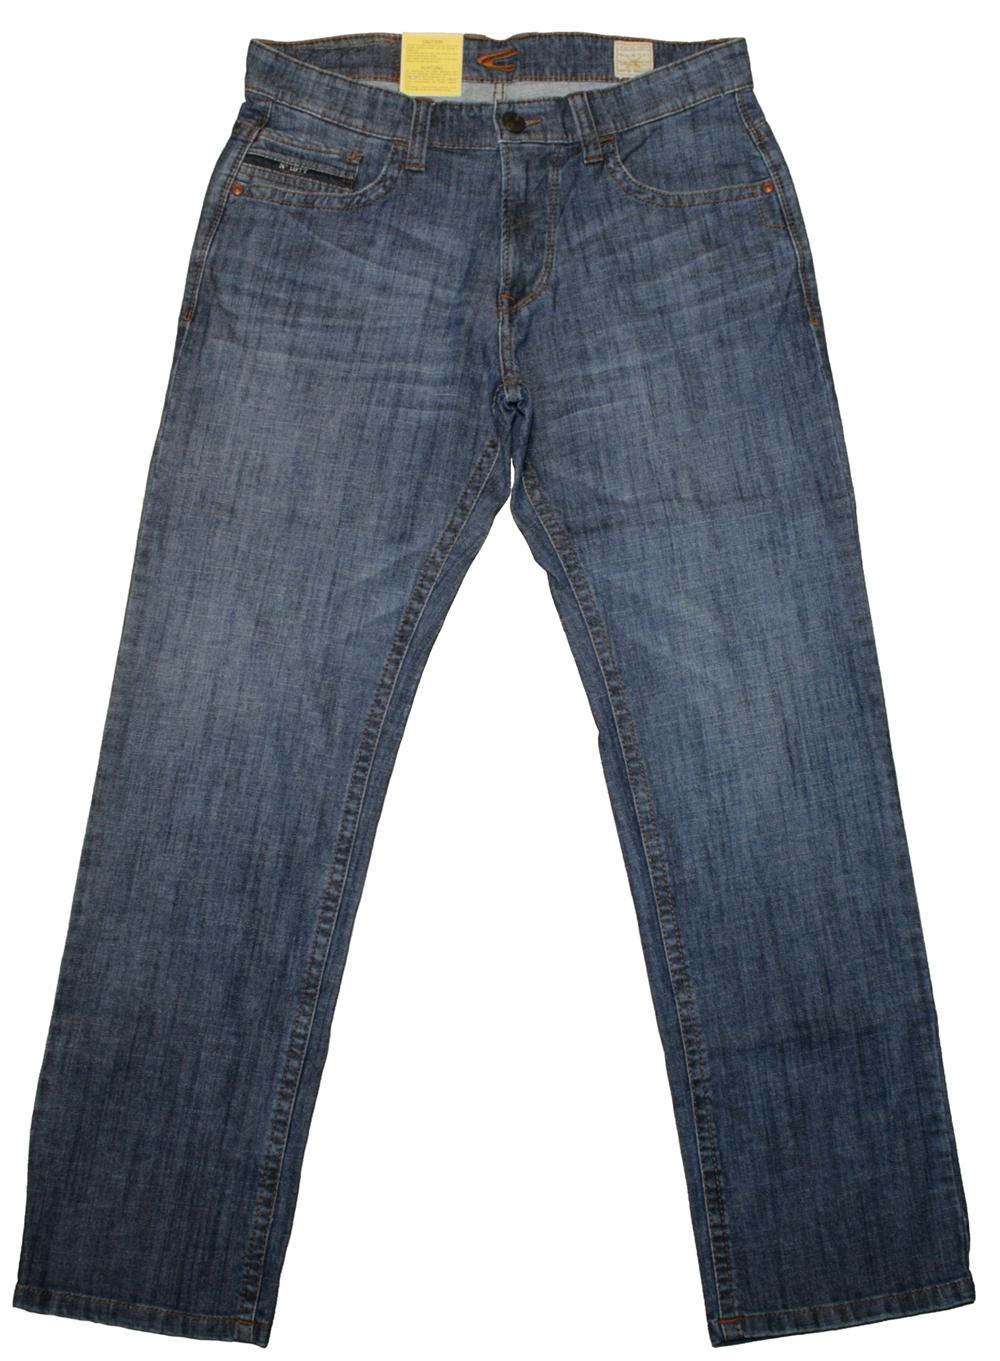 camel active herren jeans 5 pocket hose hudson 488925 8. Black Bedroom Furniture Sets. Home Design Ideas